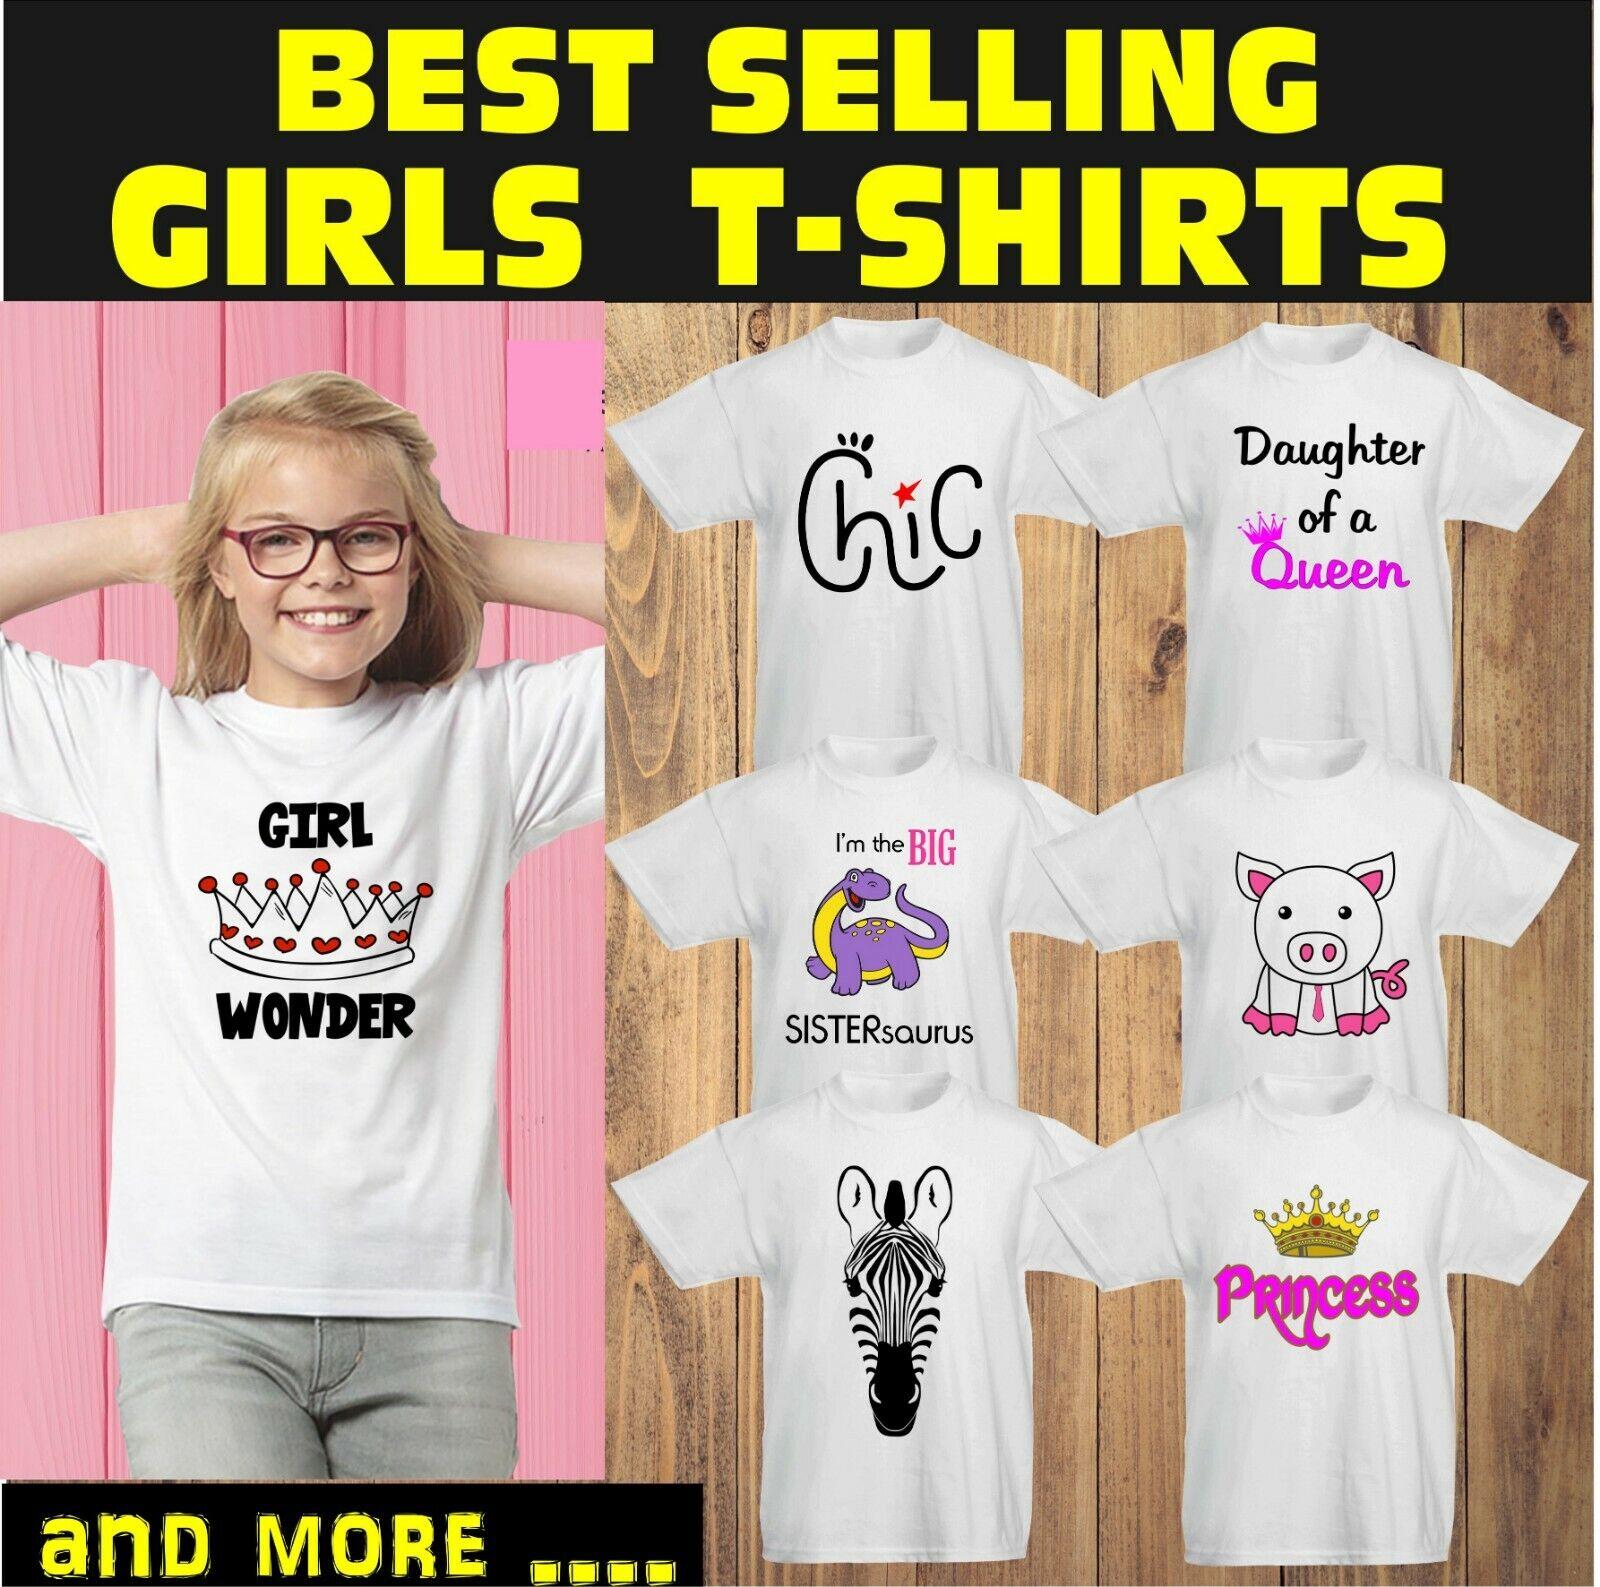 Kids Children Shirts Princess Cutie Little Sister Best Gift